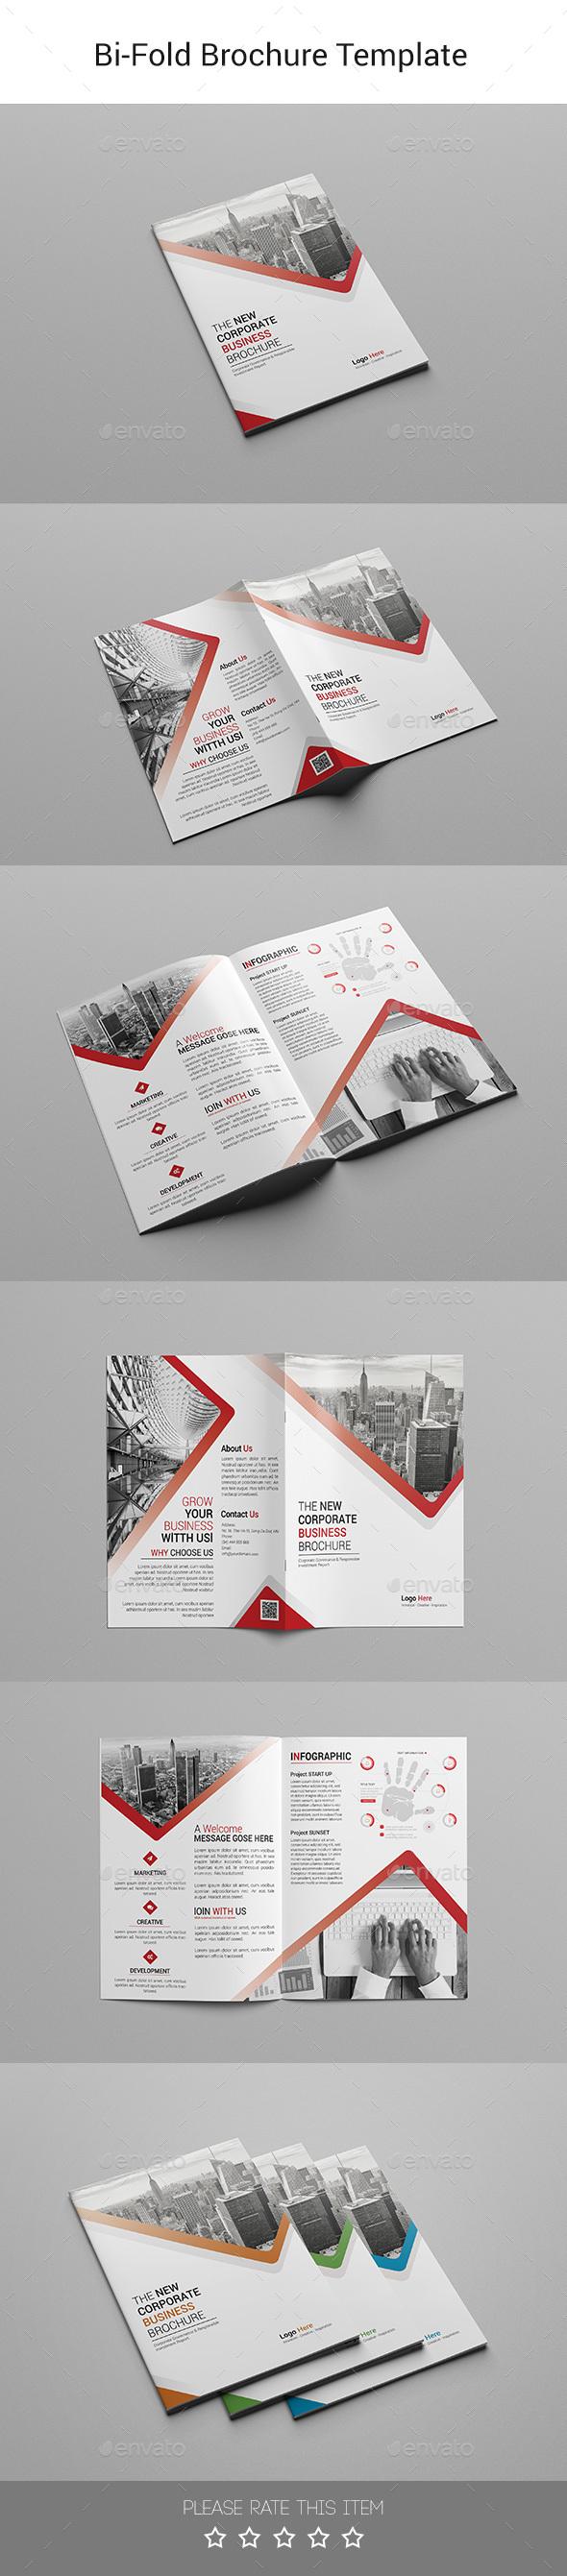 Corporate Bi-fold Brochure-Multipurpose 04 - Corporate Brochures